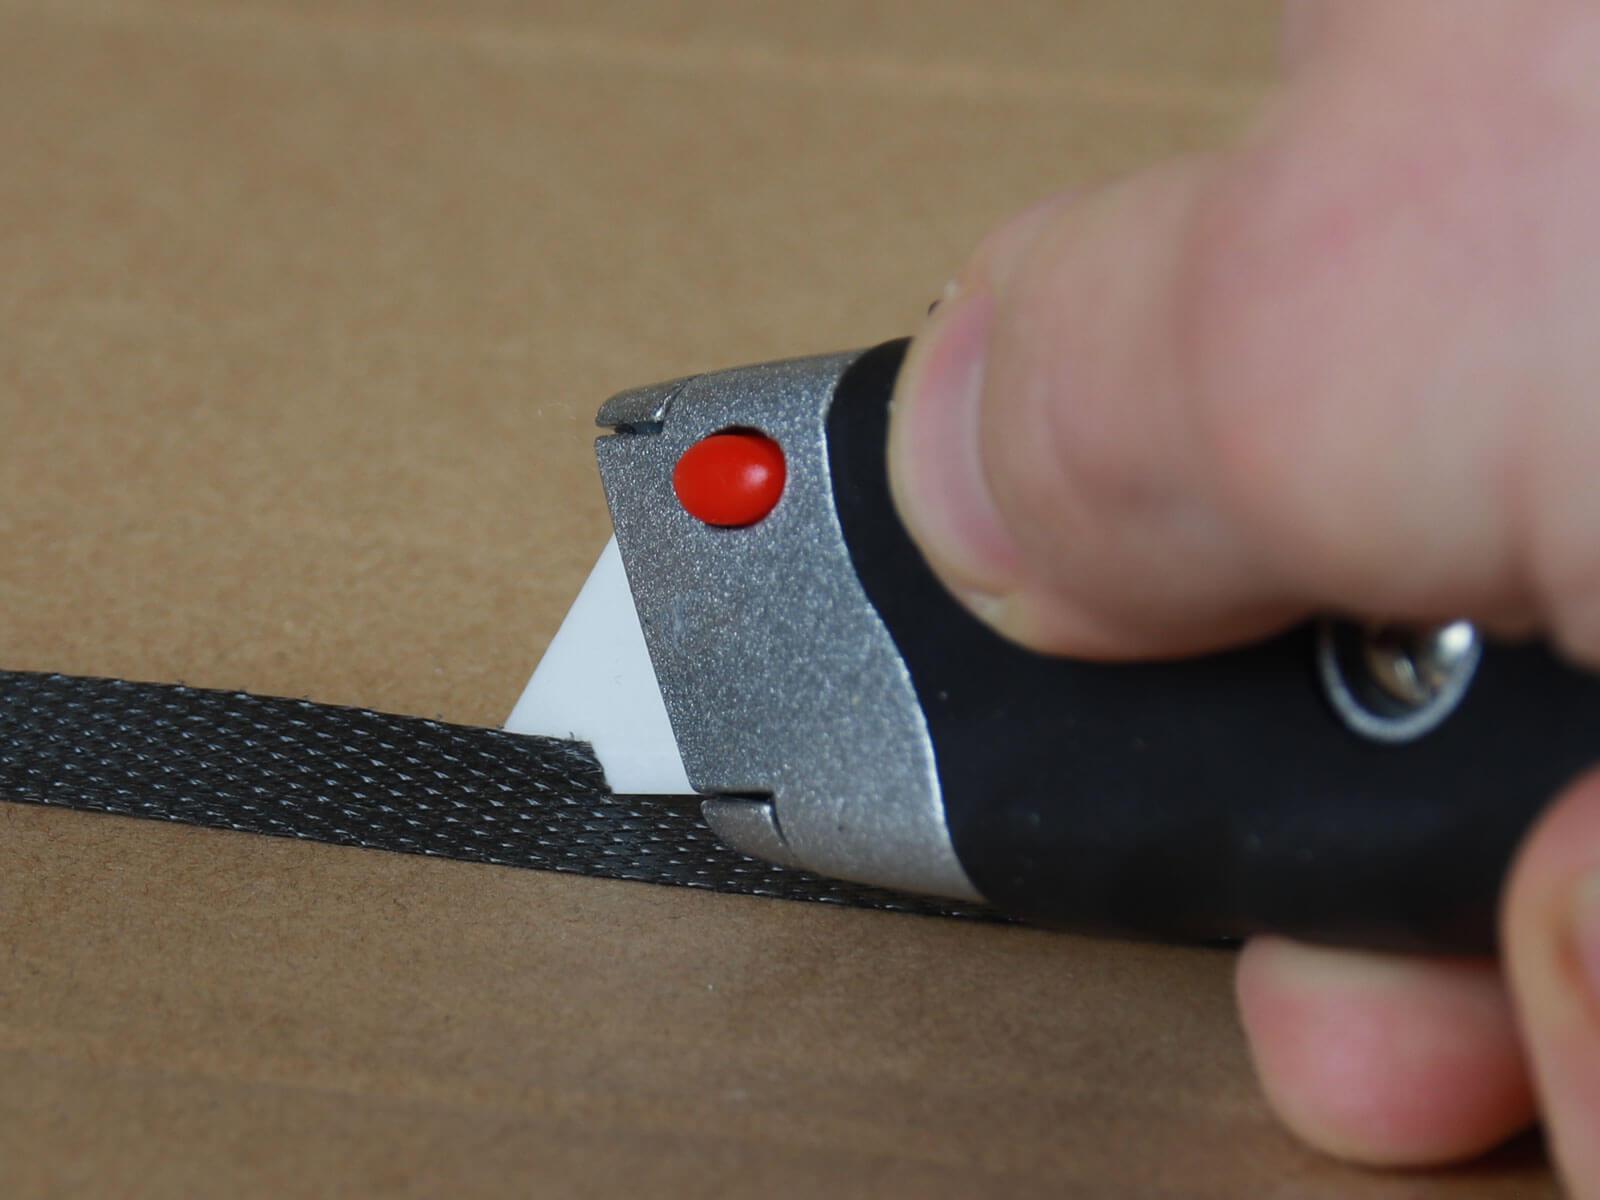 U012K Keramik Sicherheitsmesser manueller Klingenrückzug Umreifungsband schneiden CURT-tools